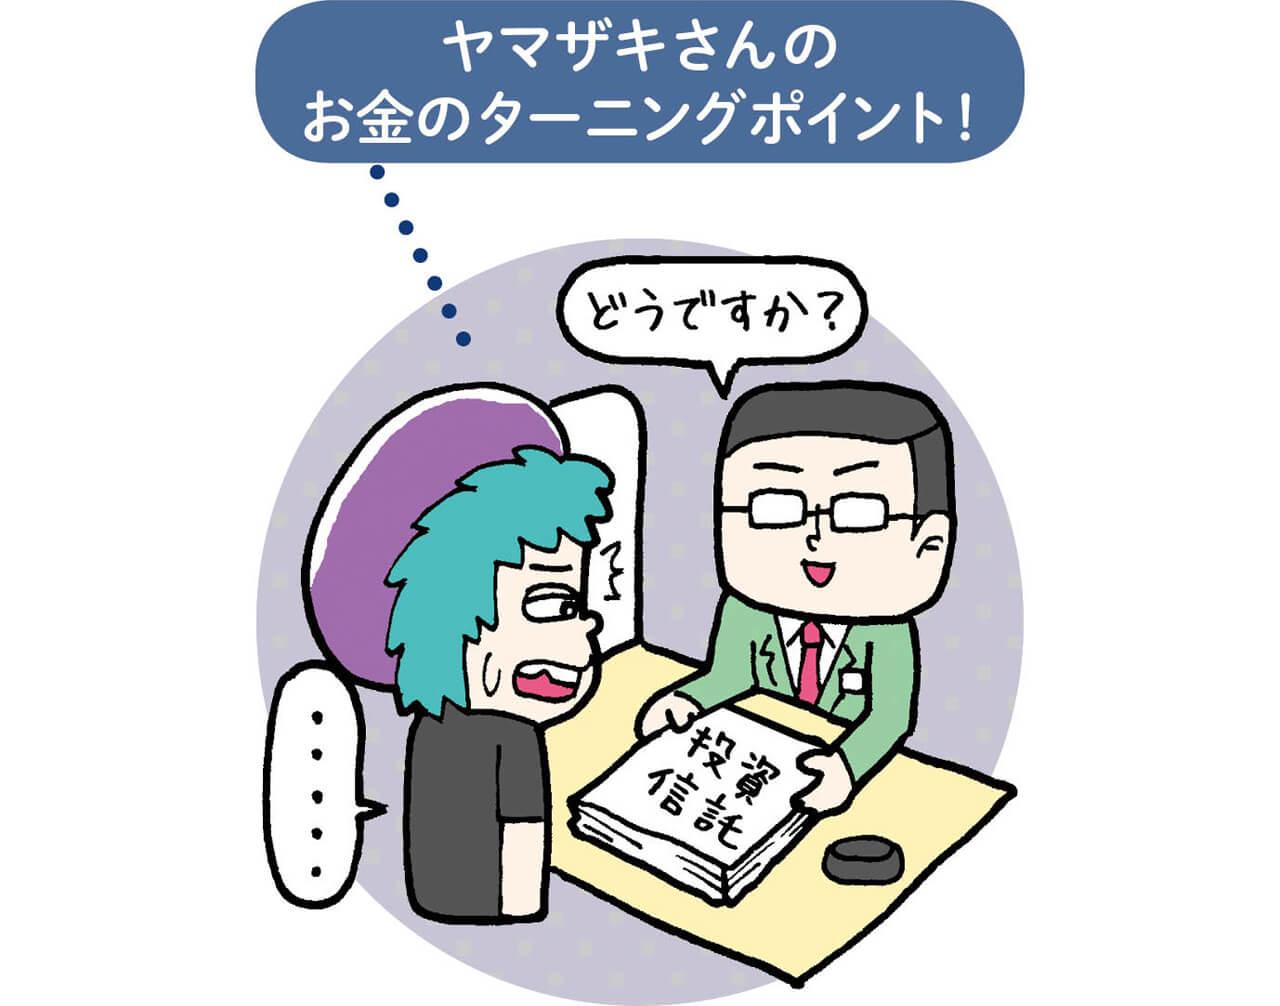 ヤマザキさんのお金のターニングポイント! ヤマザキOKコンピュータさん